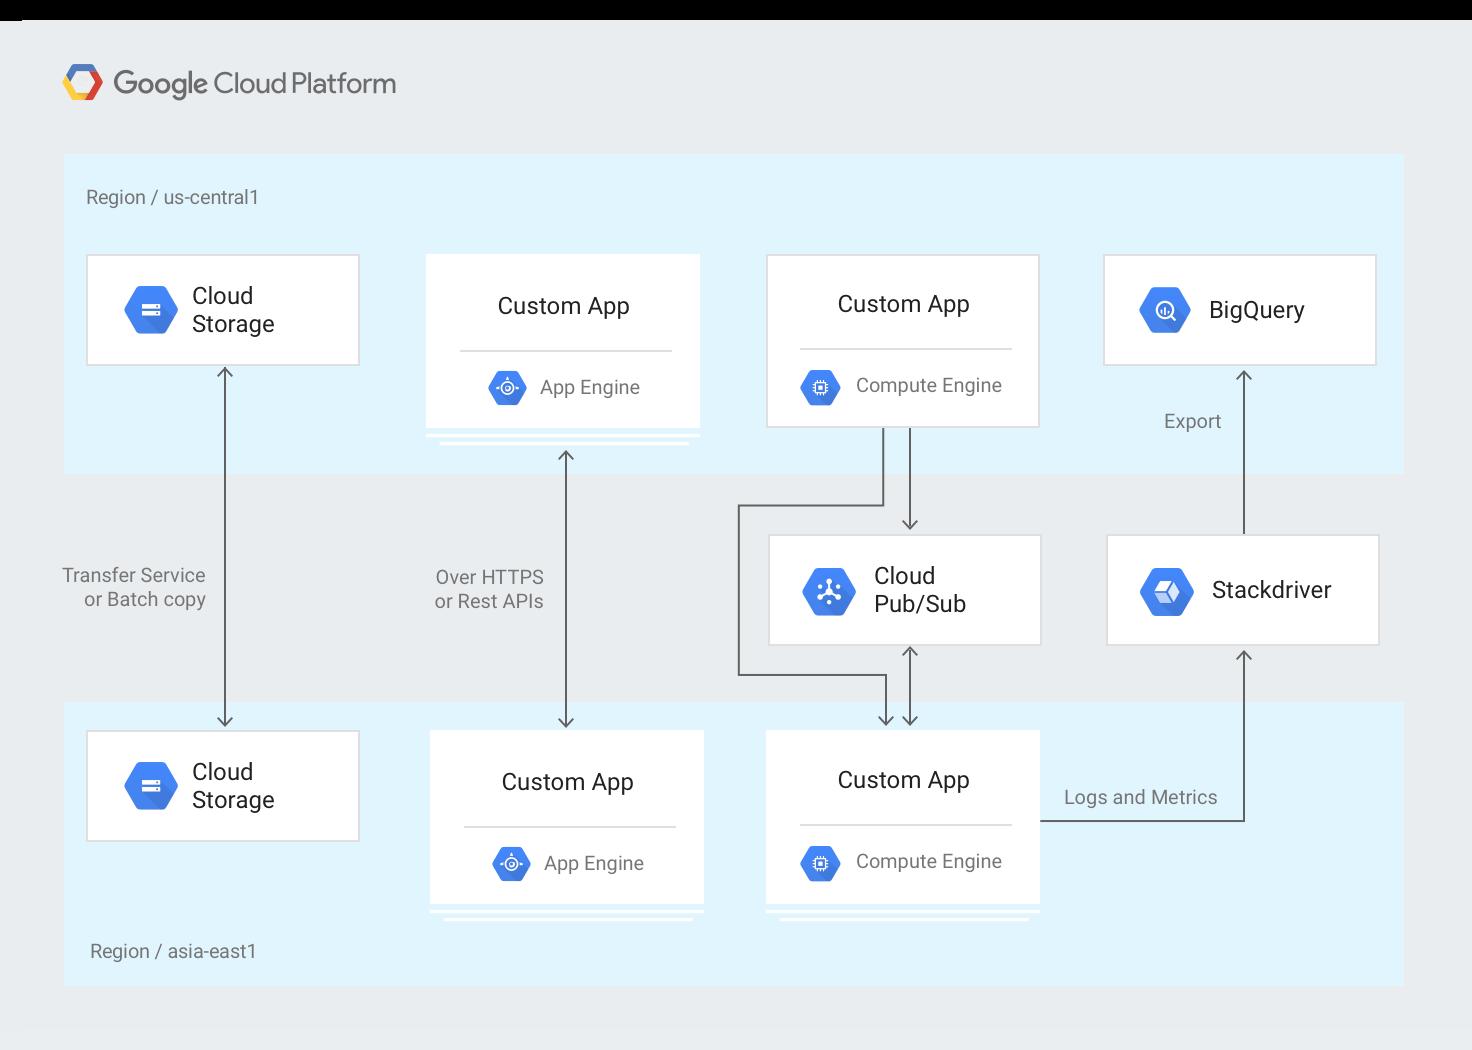 여러 Google Cloud 리전을 포함하는 시스템의 아키텍처